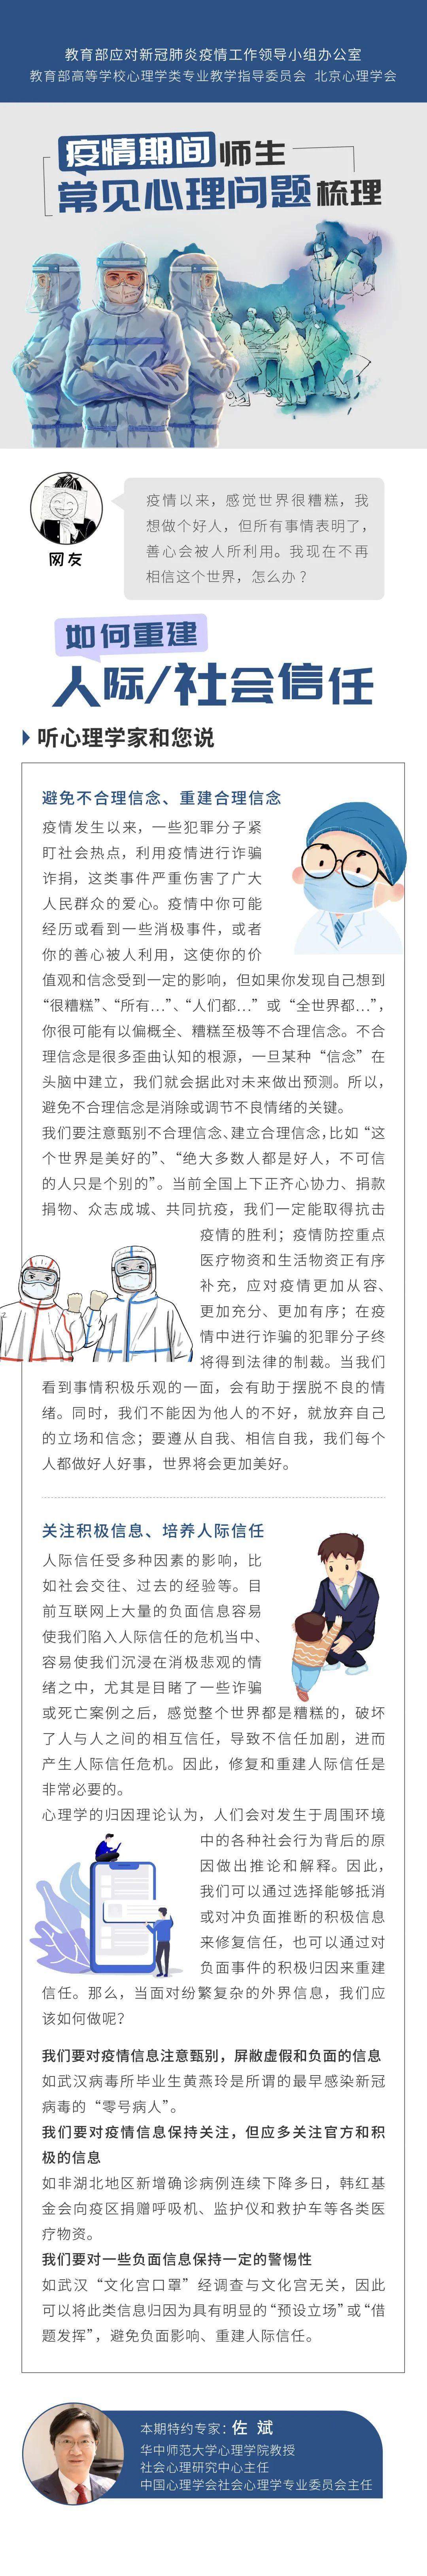 北京助孕疫情当下如何重建人际和社会信任?心理学教授为你讲解